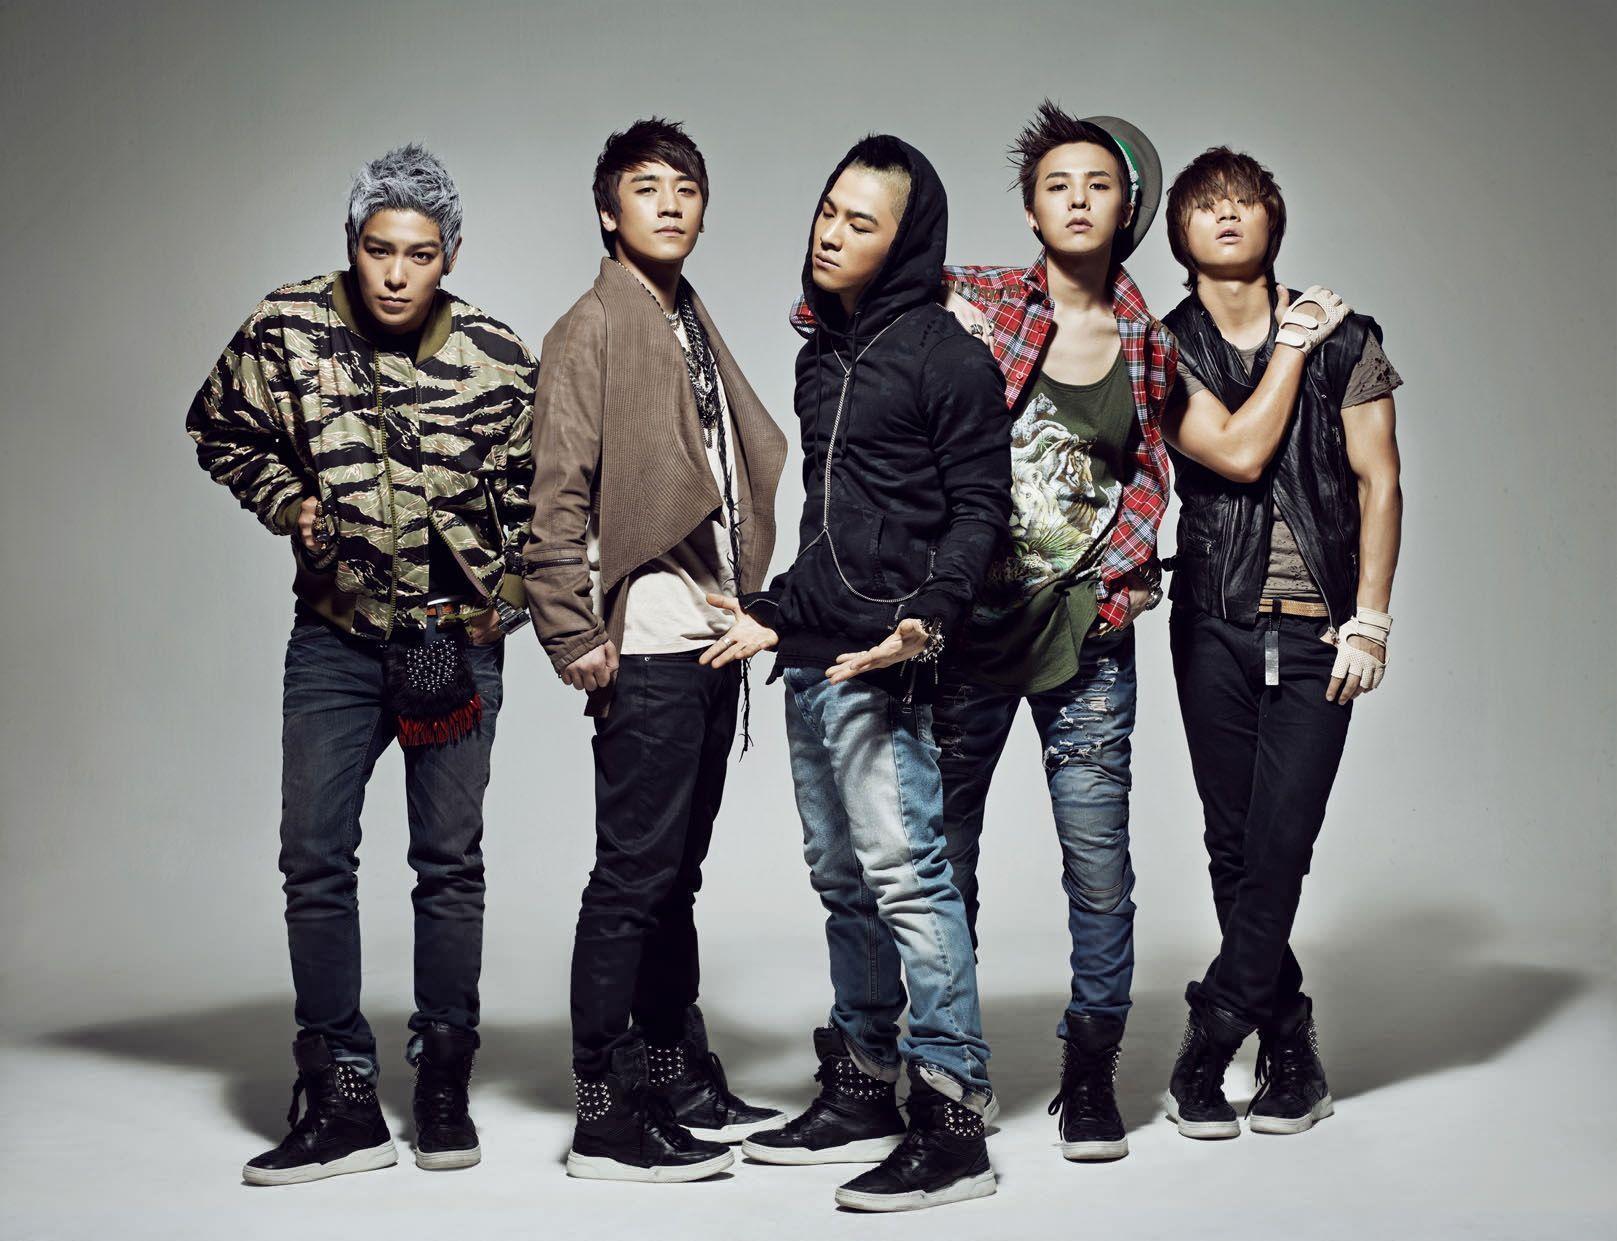 big bang kpop wallpaper 2013 - photo #9